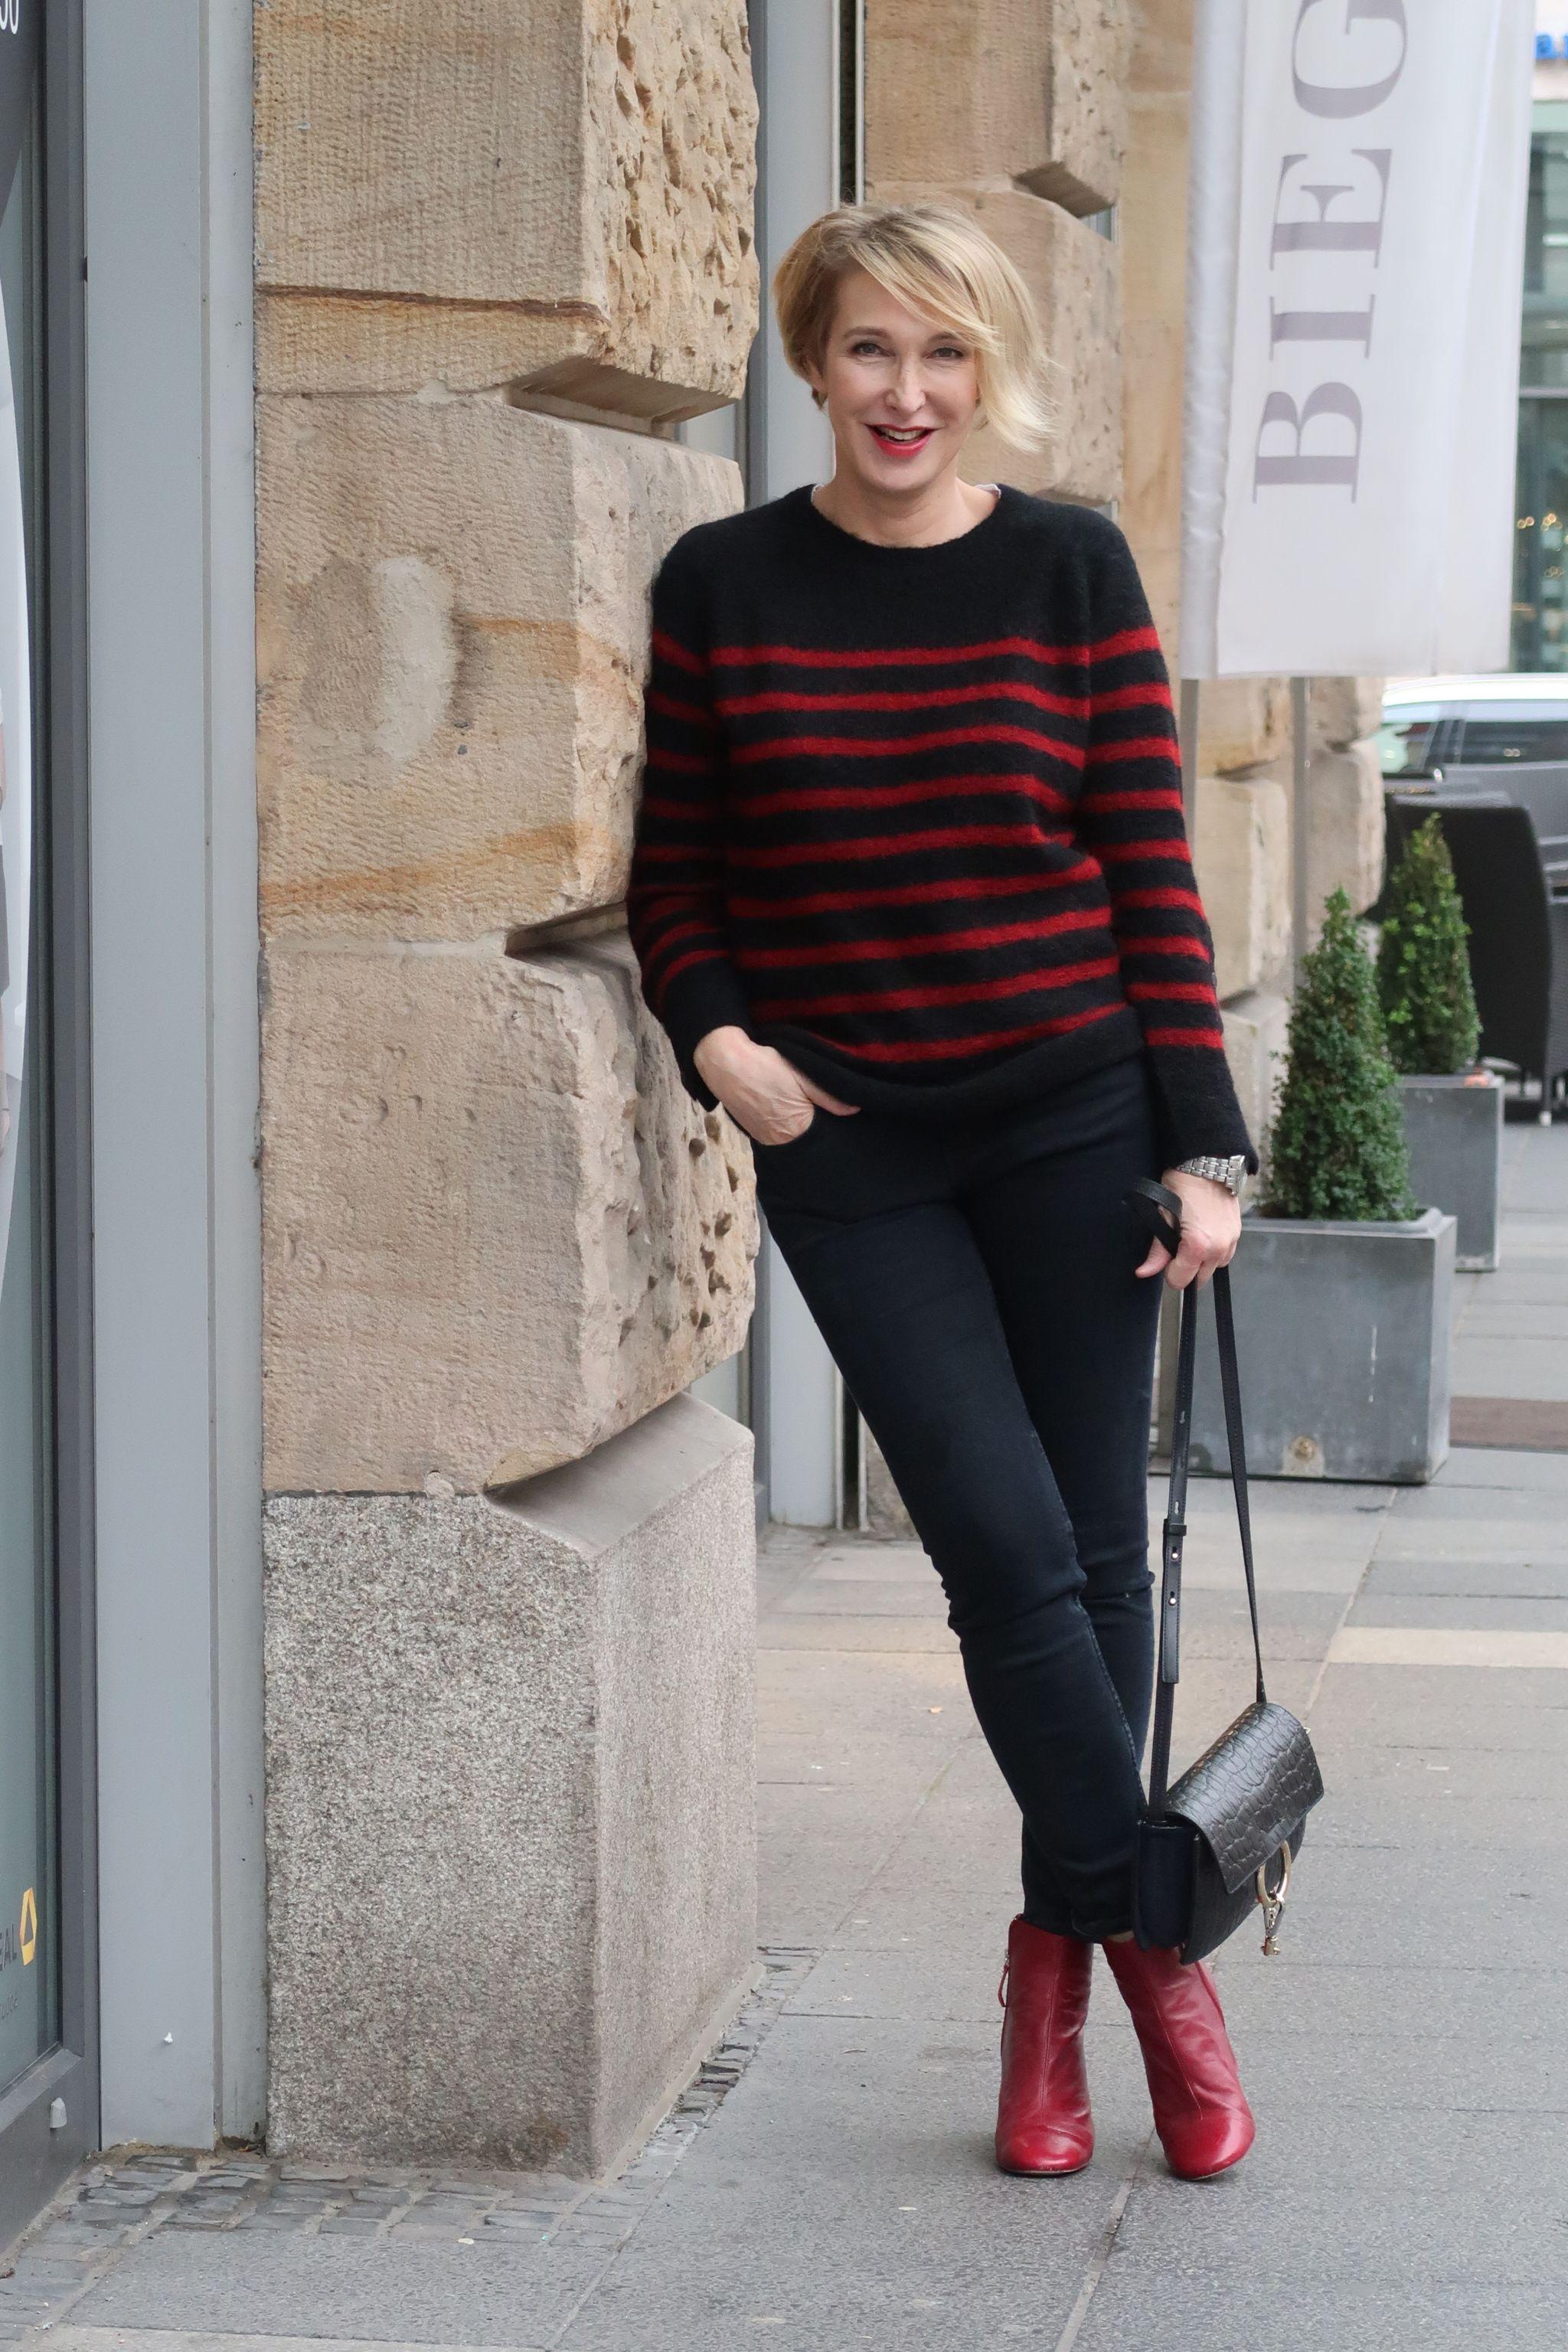 glamupyourlifestyle Streifenpullover Ringelpulli gestreiftes-Shirt Skinny-Jeans rote-Stieifeletten ue40-Mode ue40-Blog